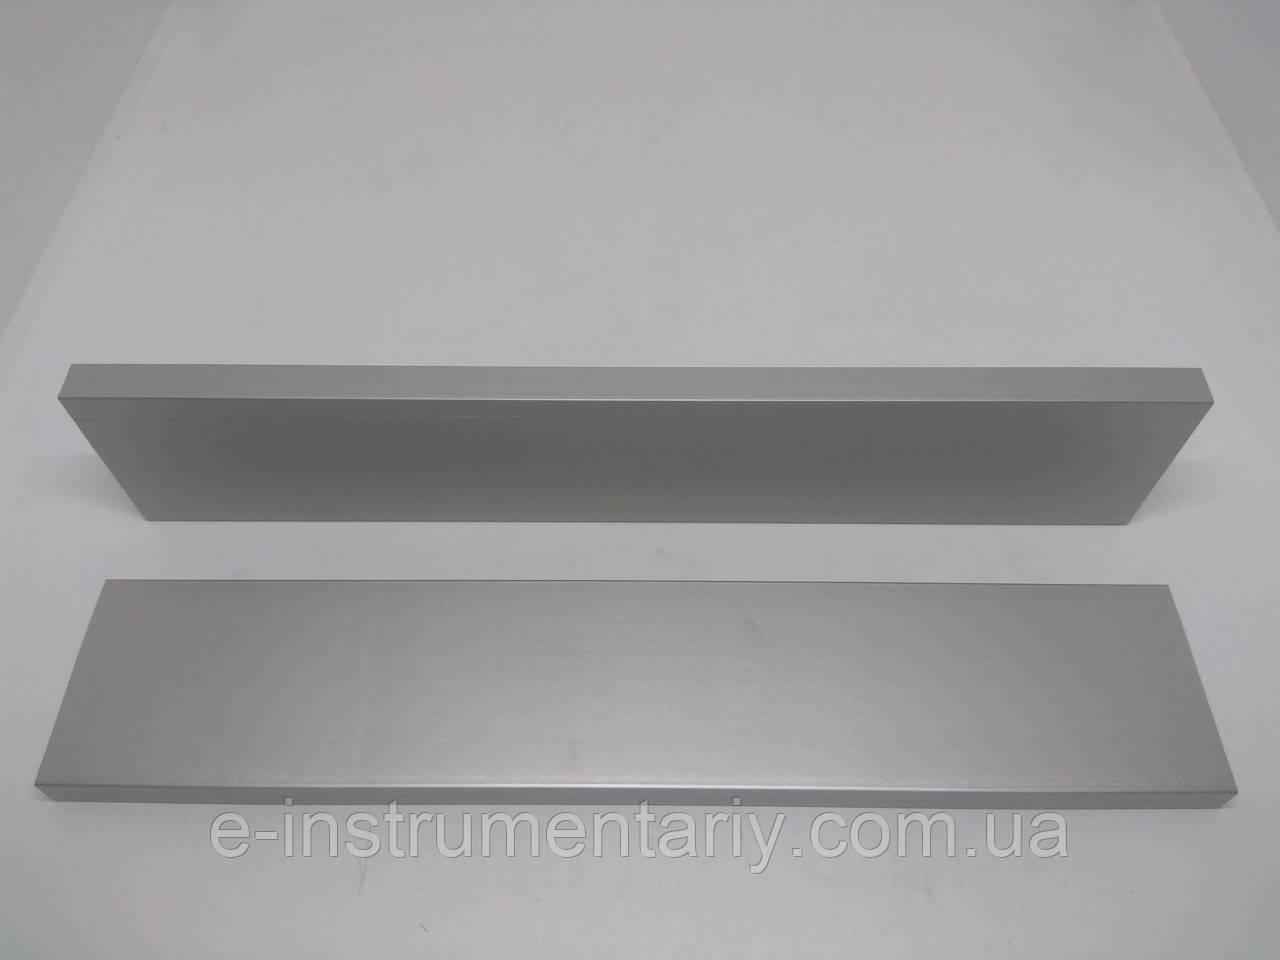 Алюминиевый бланк под 90° 200Х40X8 мм